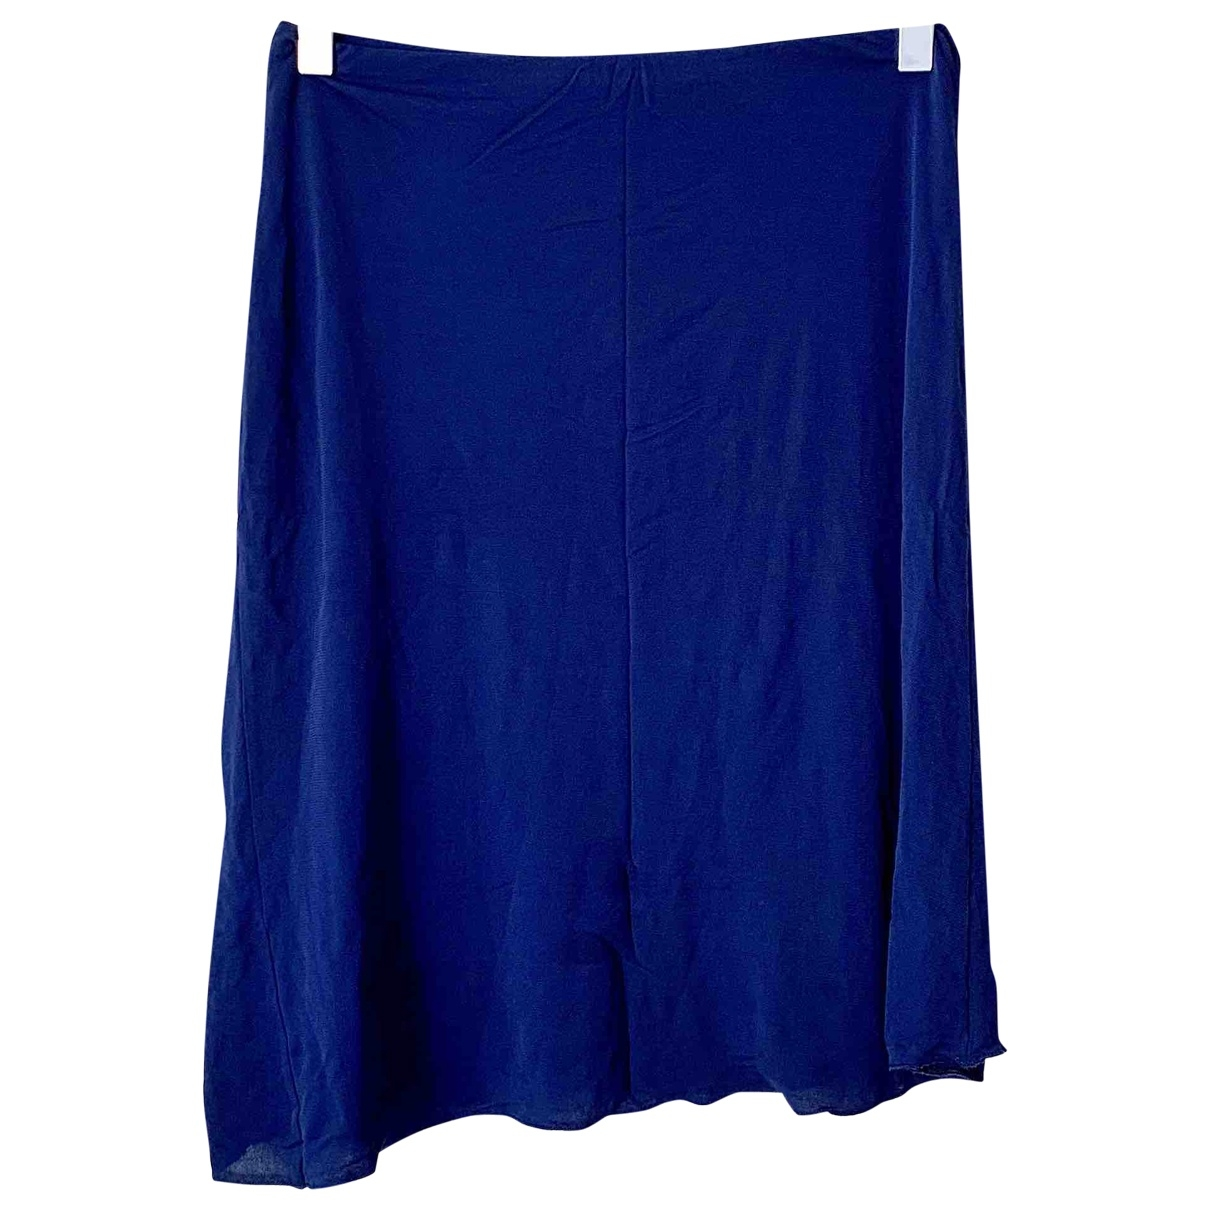 Maison Martin Margiela \N Blue skirt for Women 38 IT